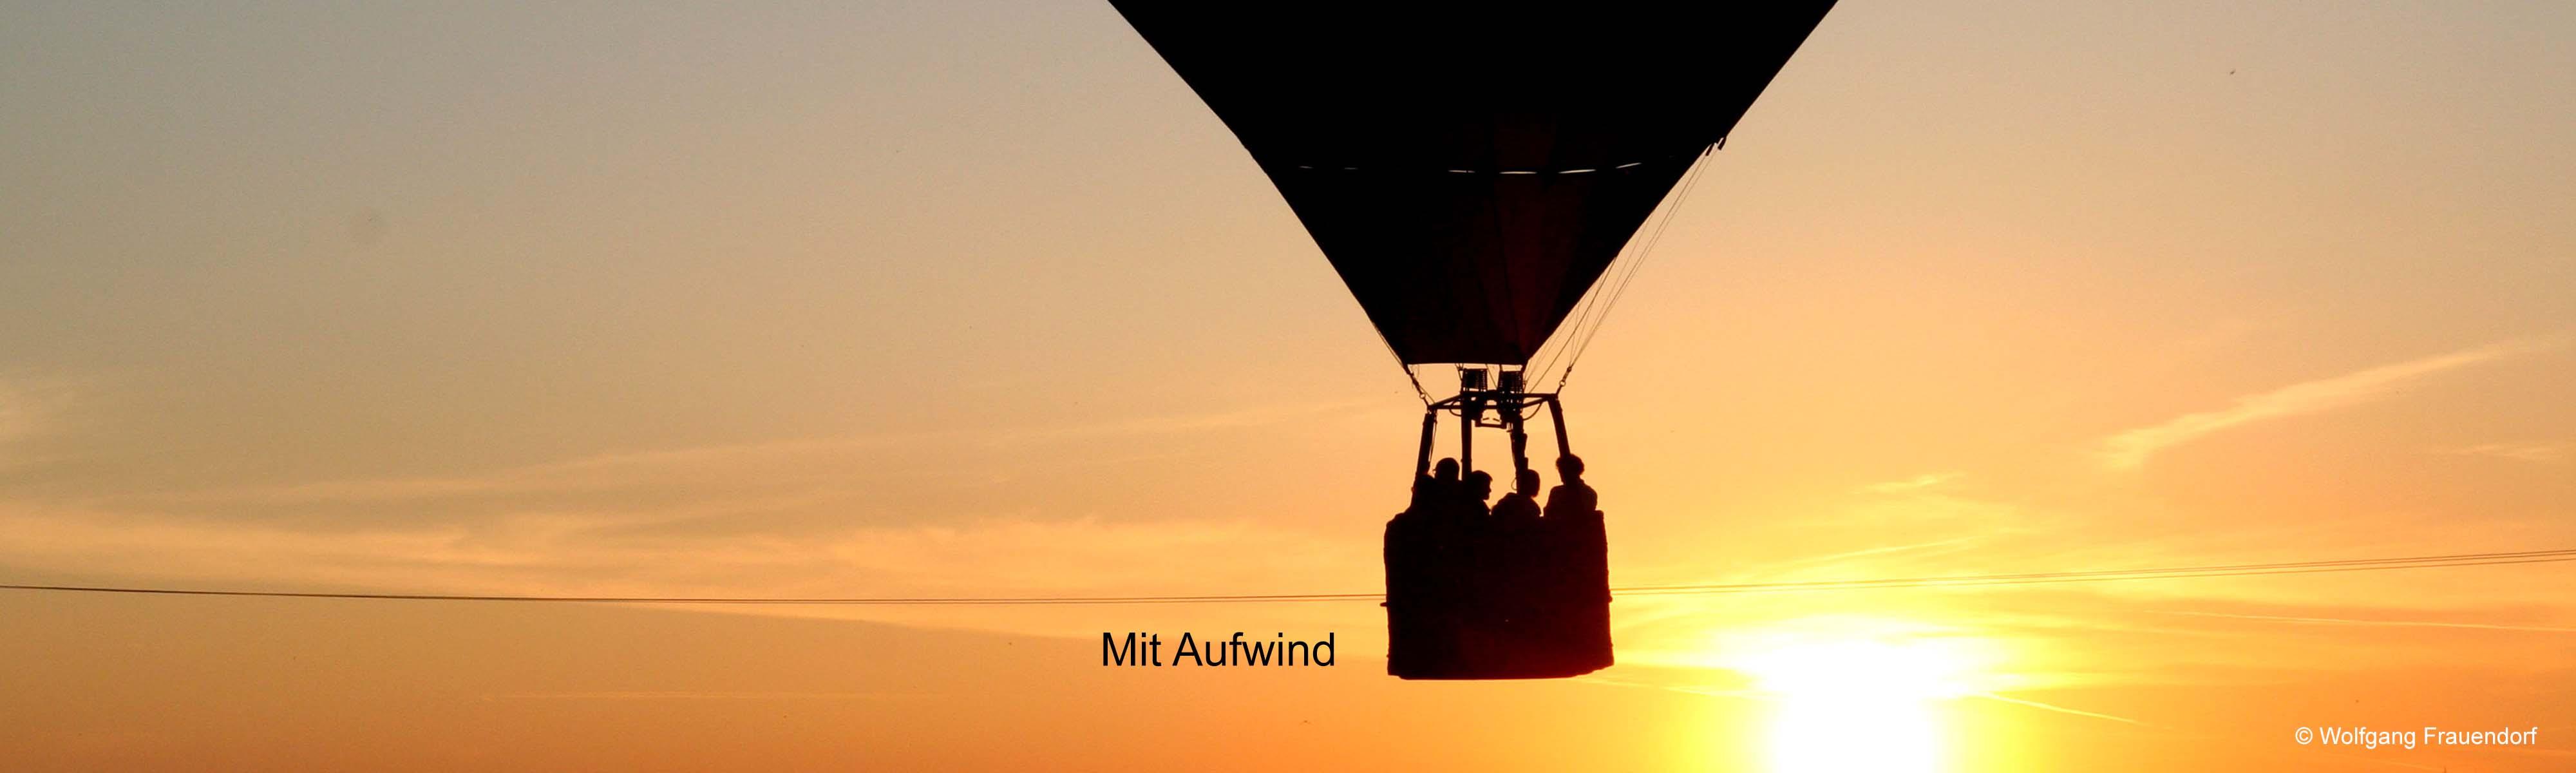 Luftballon Symbolisiert mit Aufwind -  Werbung Marketing